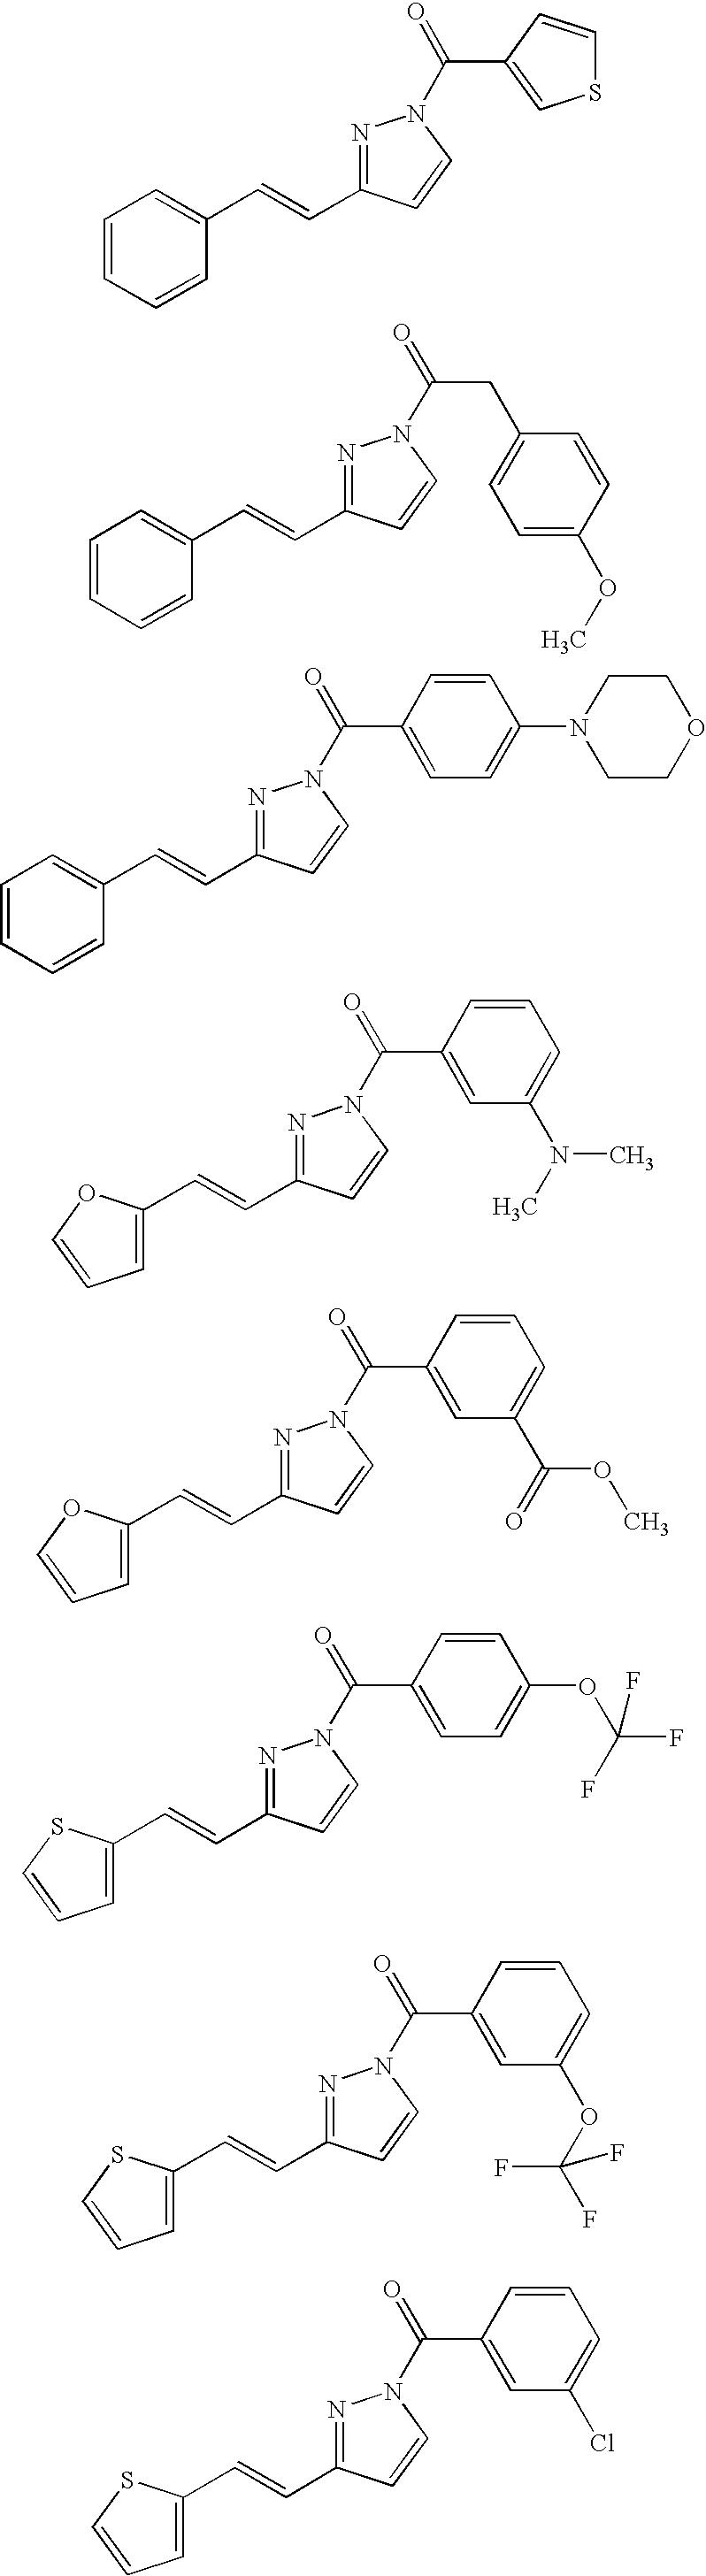 Figure US07192976-20070320-C00068